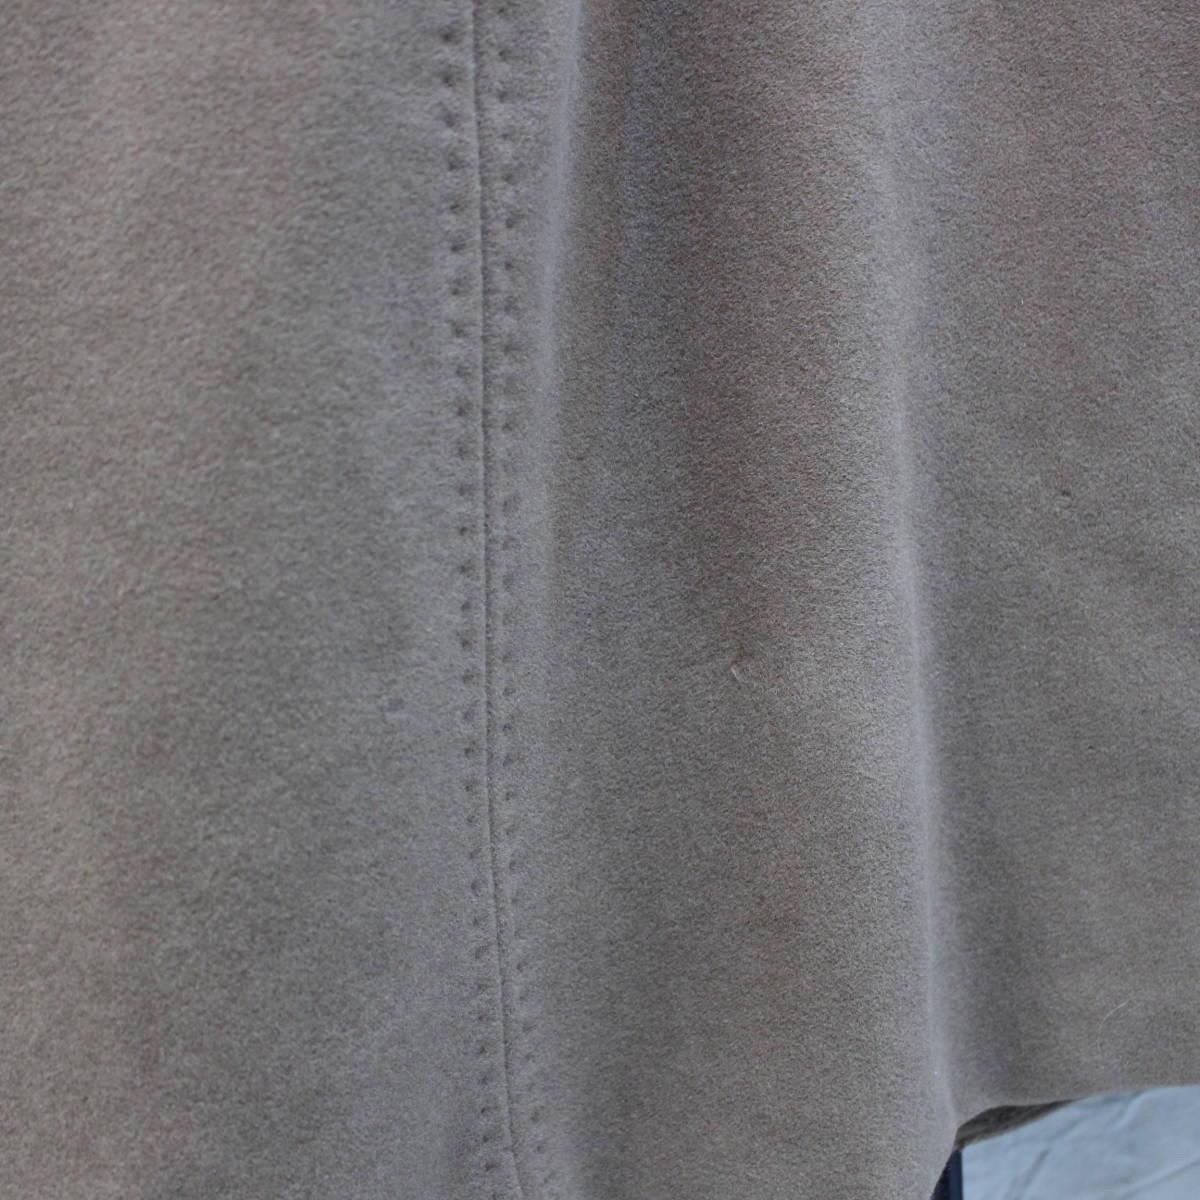 MAX MARA WHITE TAG ANGORA BREND WOOL SHAWL COLLAR OVER COATマックスマーラ白タグアンゴラ混ショールカラーオーバーコート_画像5